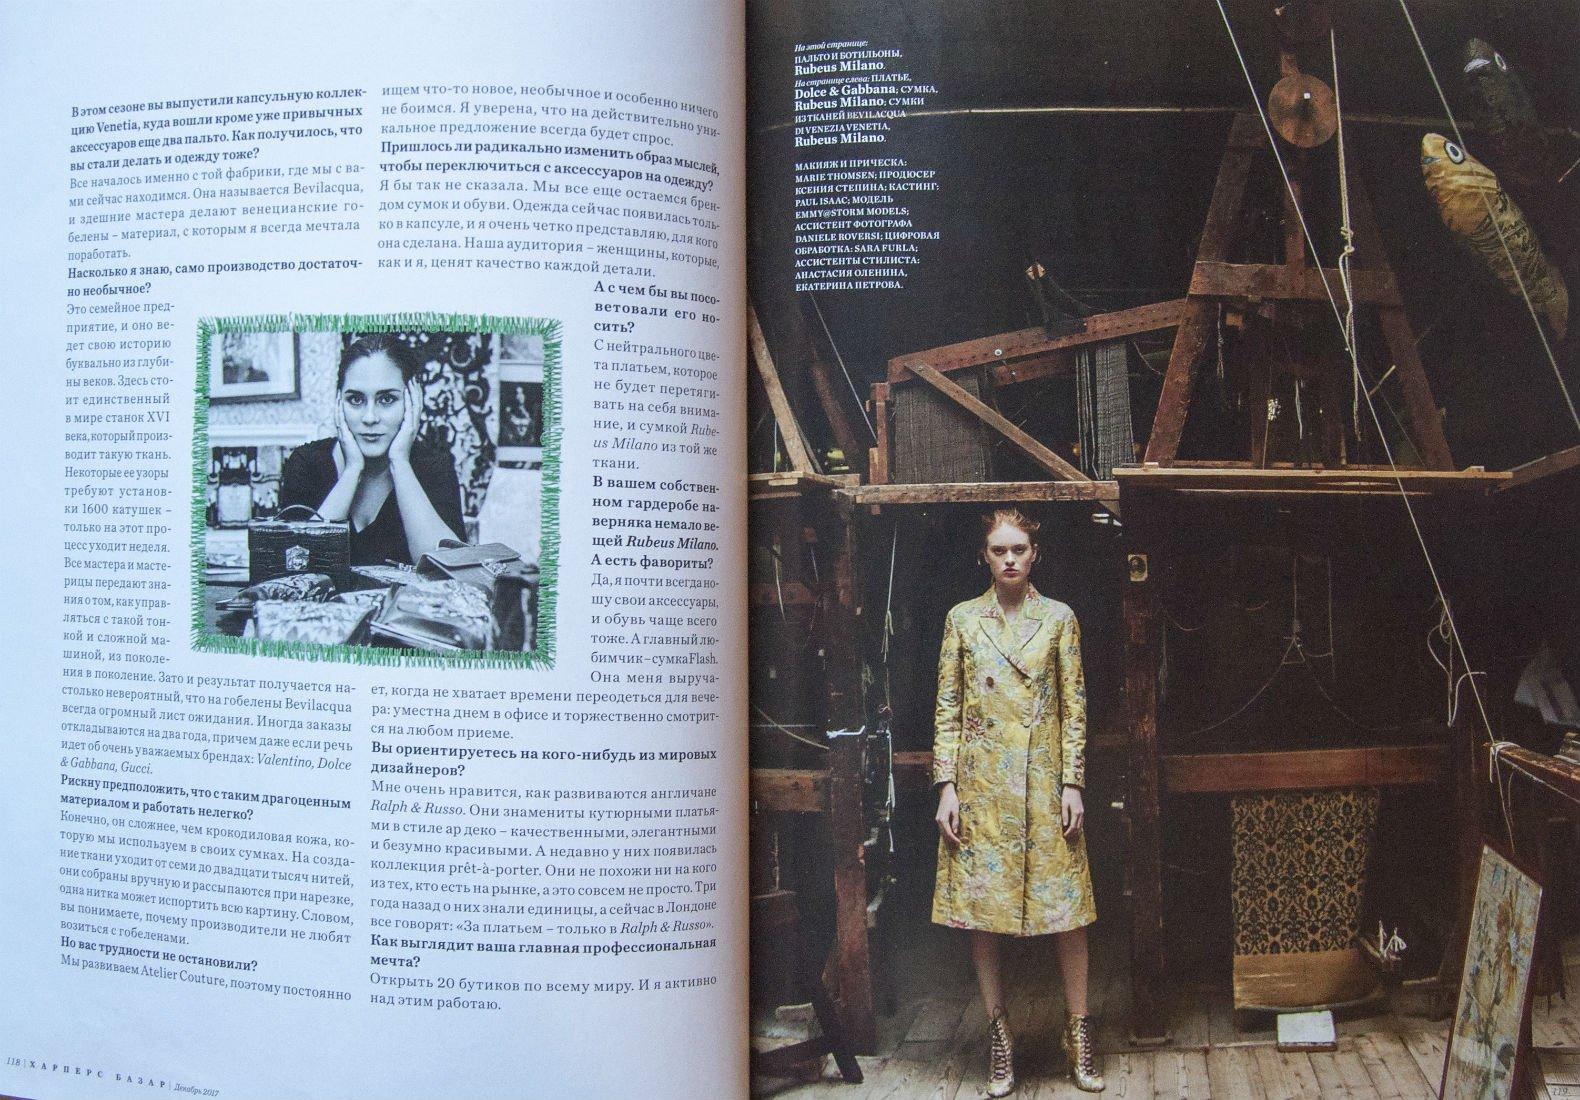 Harpers BAZAAR-2017-12-3 | Tessitura Bevilacqua